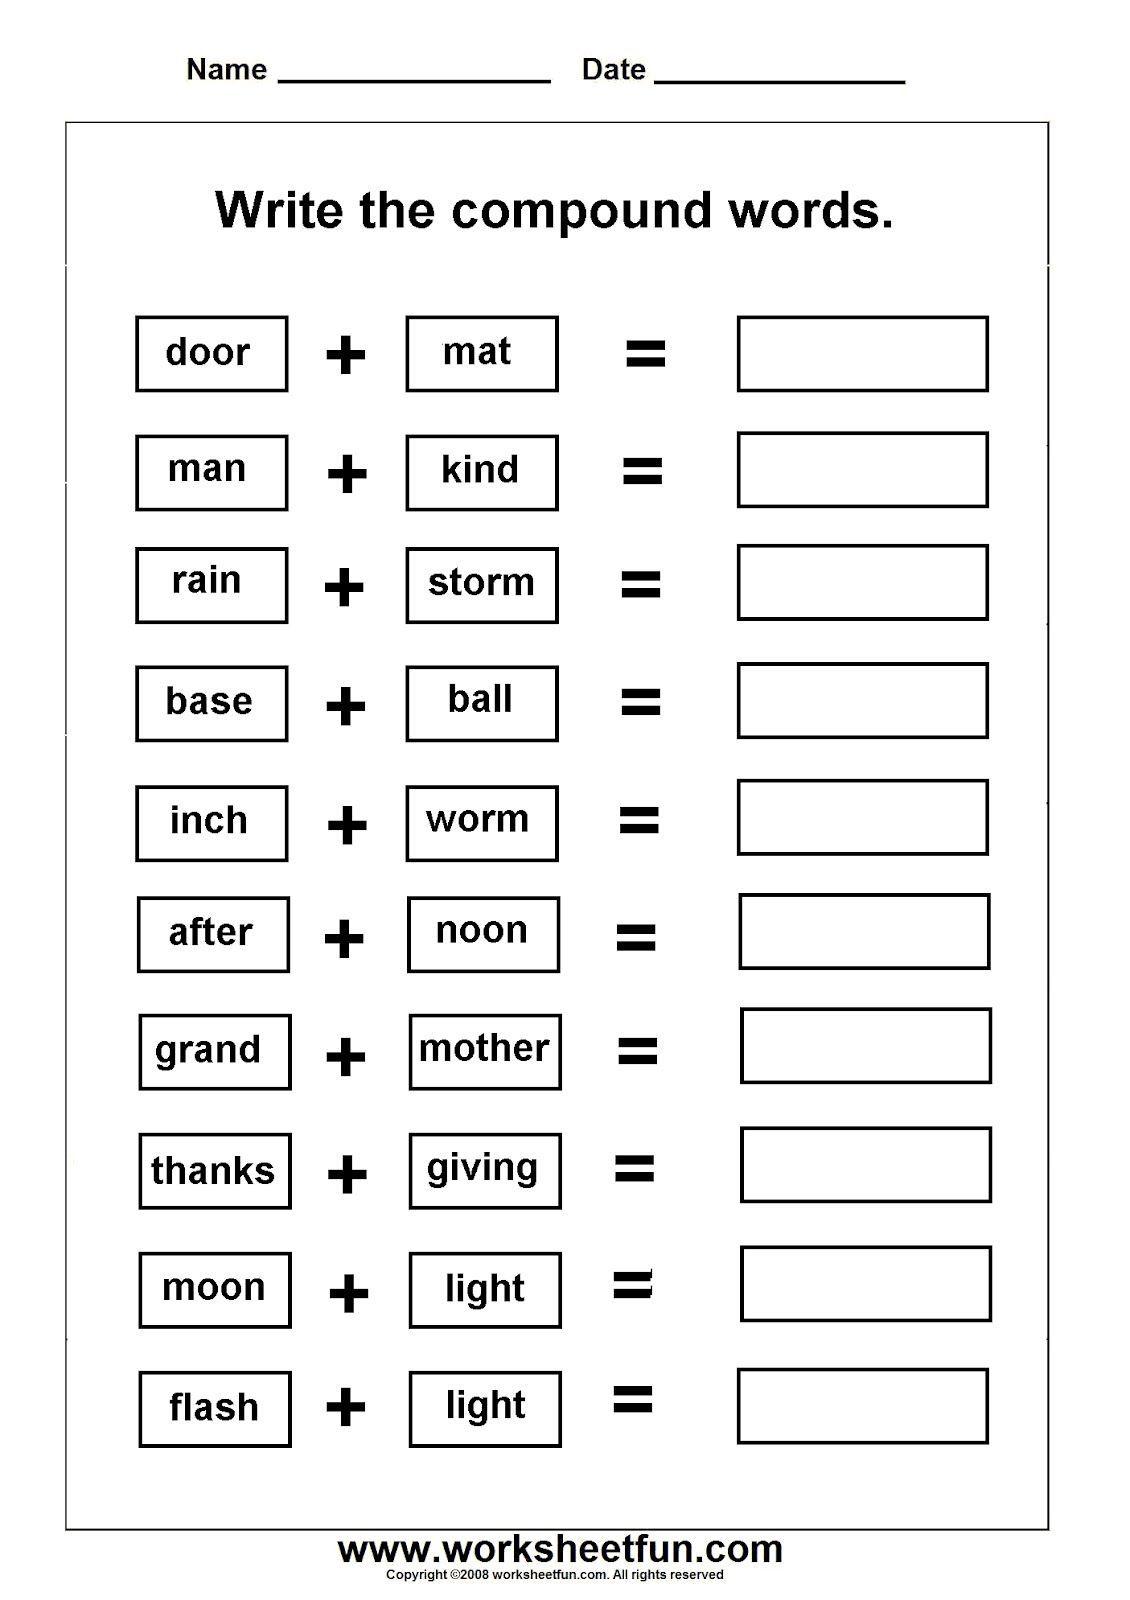 Compound Words Worksheets Grade 3 Worksheets Pound Words Compound Words Worksheets Compound Words Phonics Worksheets